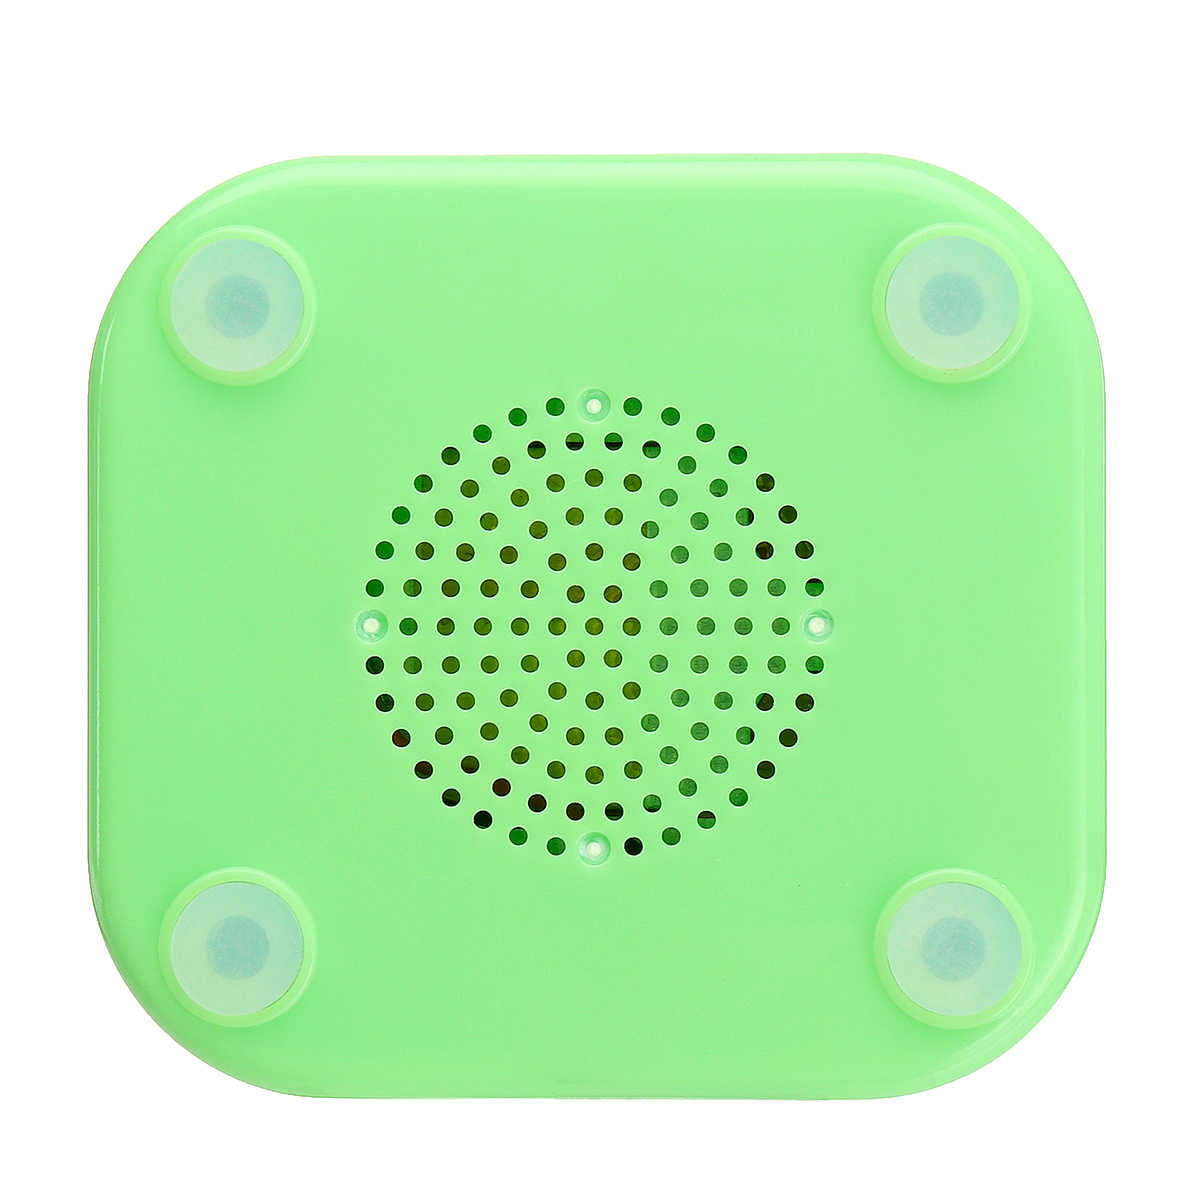 Цифровой слуховой аппарат Фен электрический сушильном шкафу осушитель 3-6 час таймер влагостойкие поддерживать слуховой аппарат сухой дело